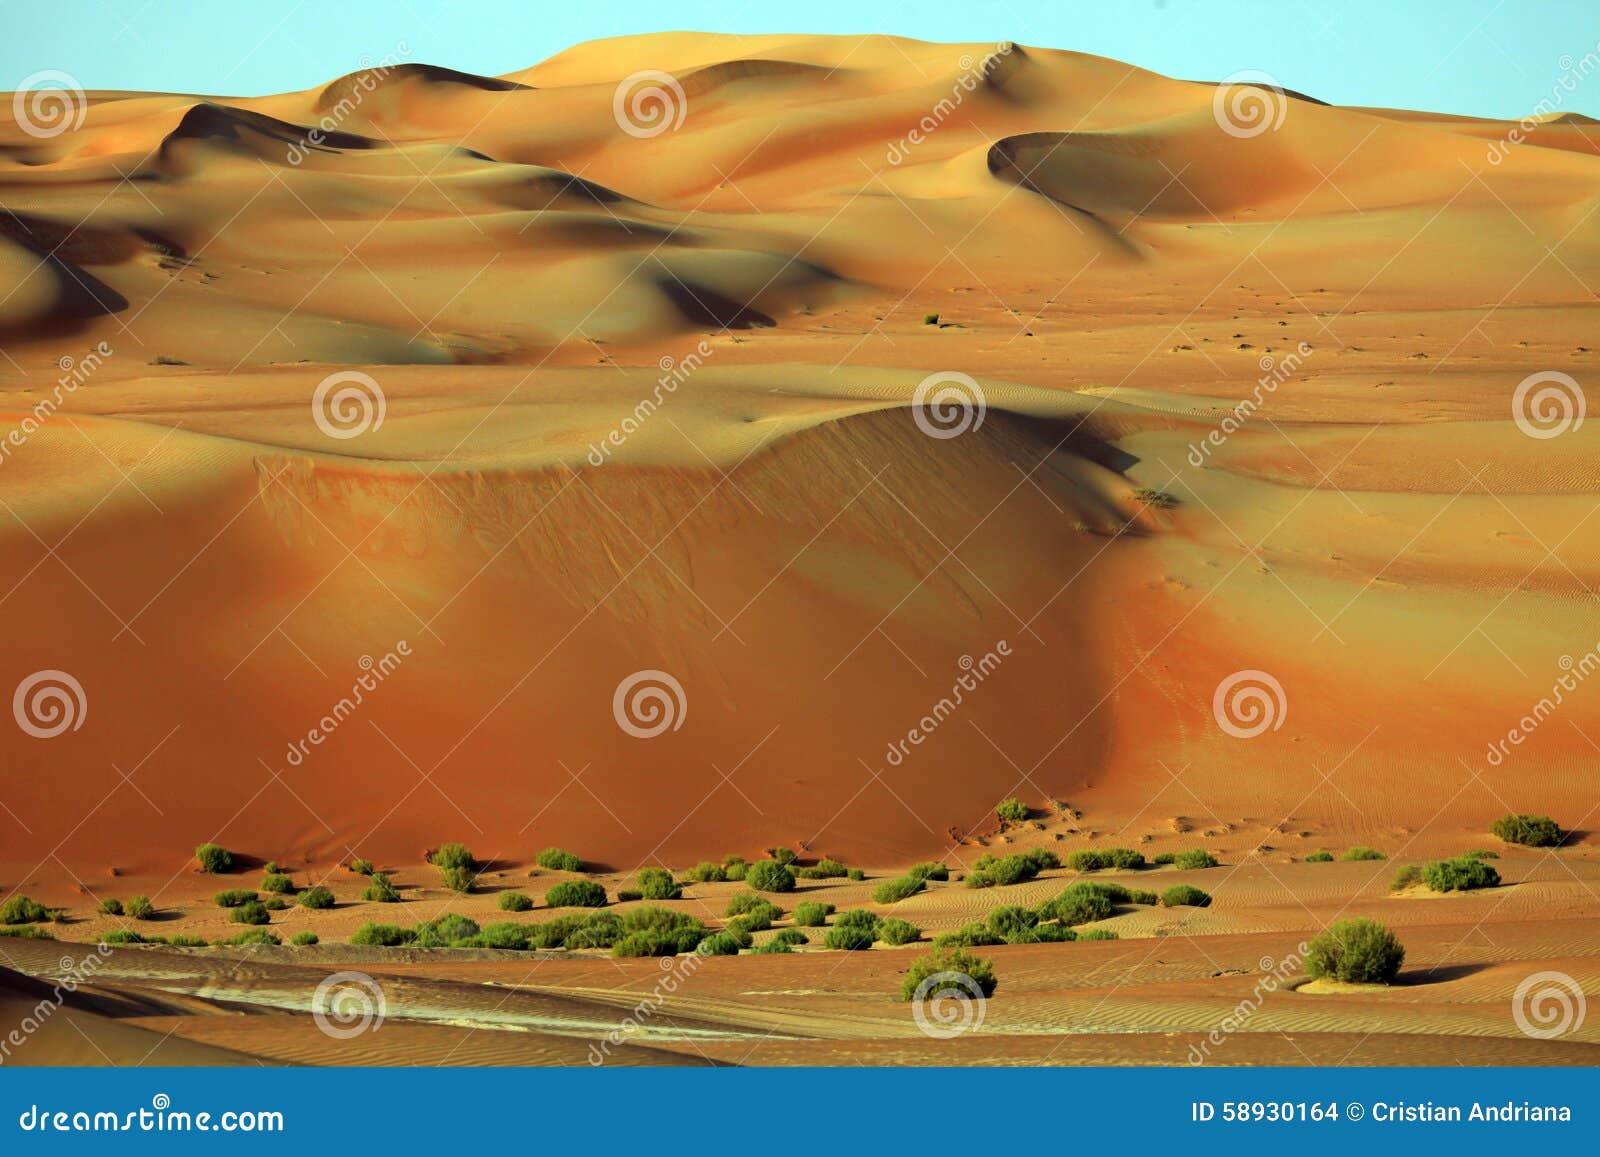 De verbazende vormingen van het zandduin in Liwa-oase, Verenigde Arabische Emiraten